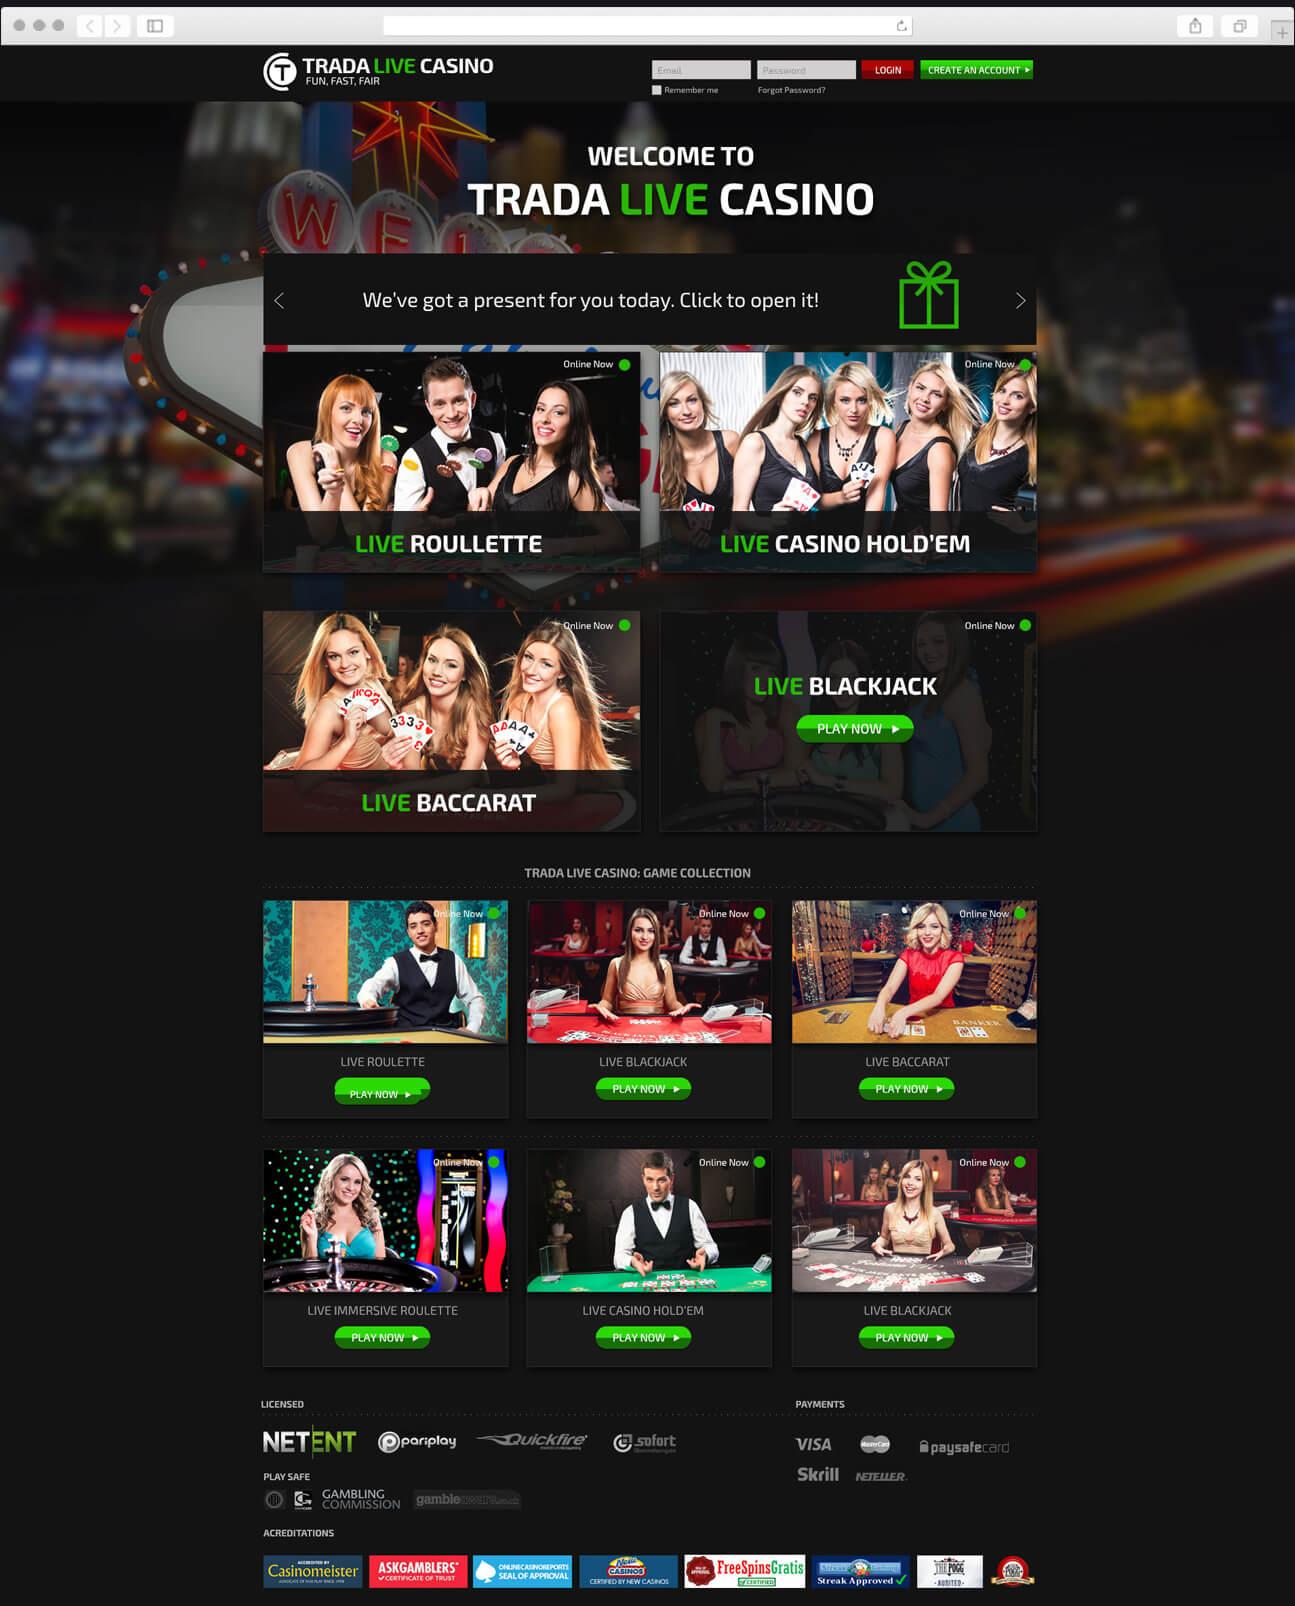 Web Design - Trada Live Casino